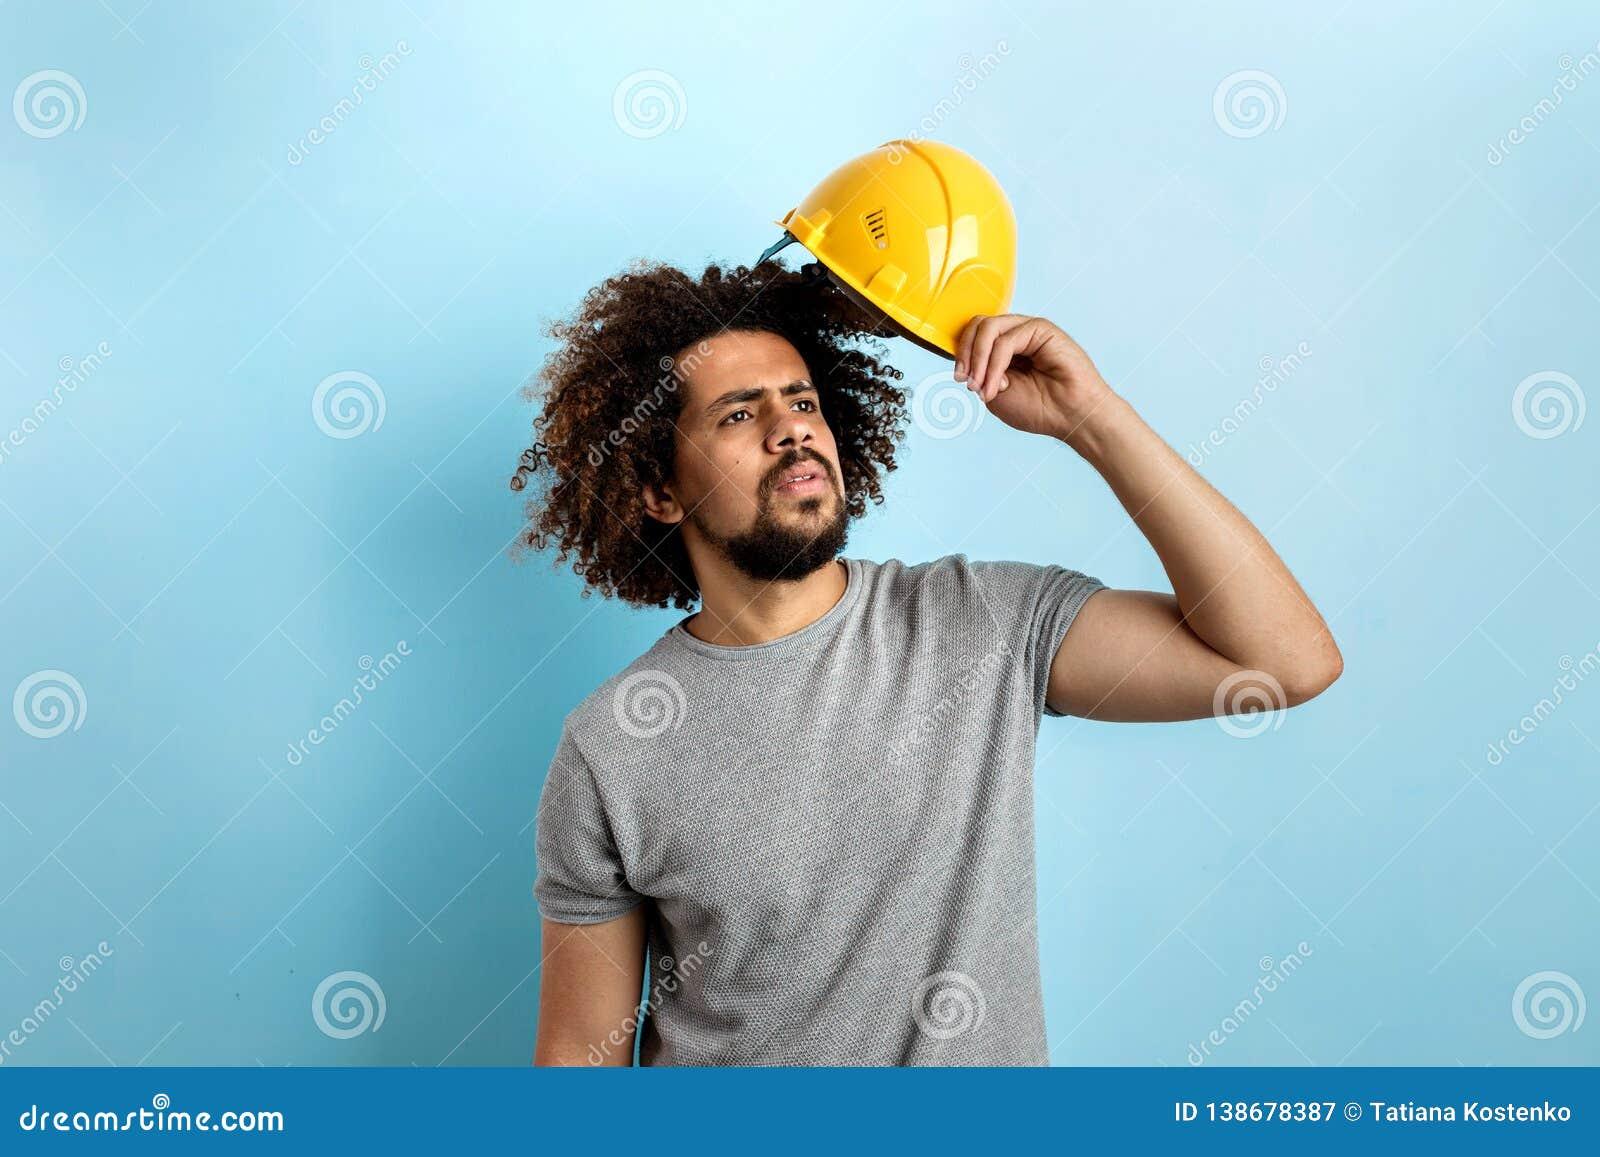 Przewodzący przystojny mężczyzna jest ubranym szarą koszulkę stoi z zbawczym hełmem patrzeje z ukosa z skoncentrowanym